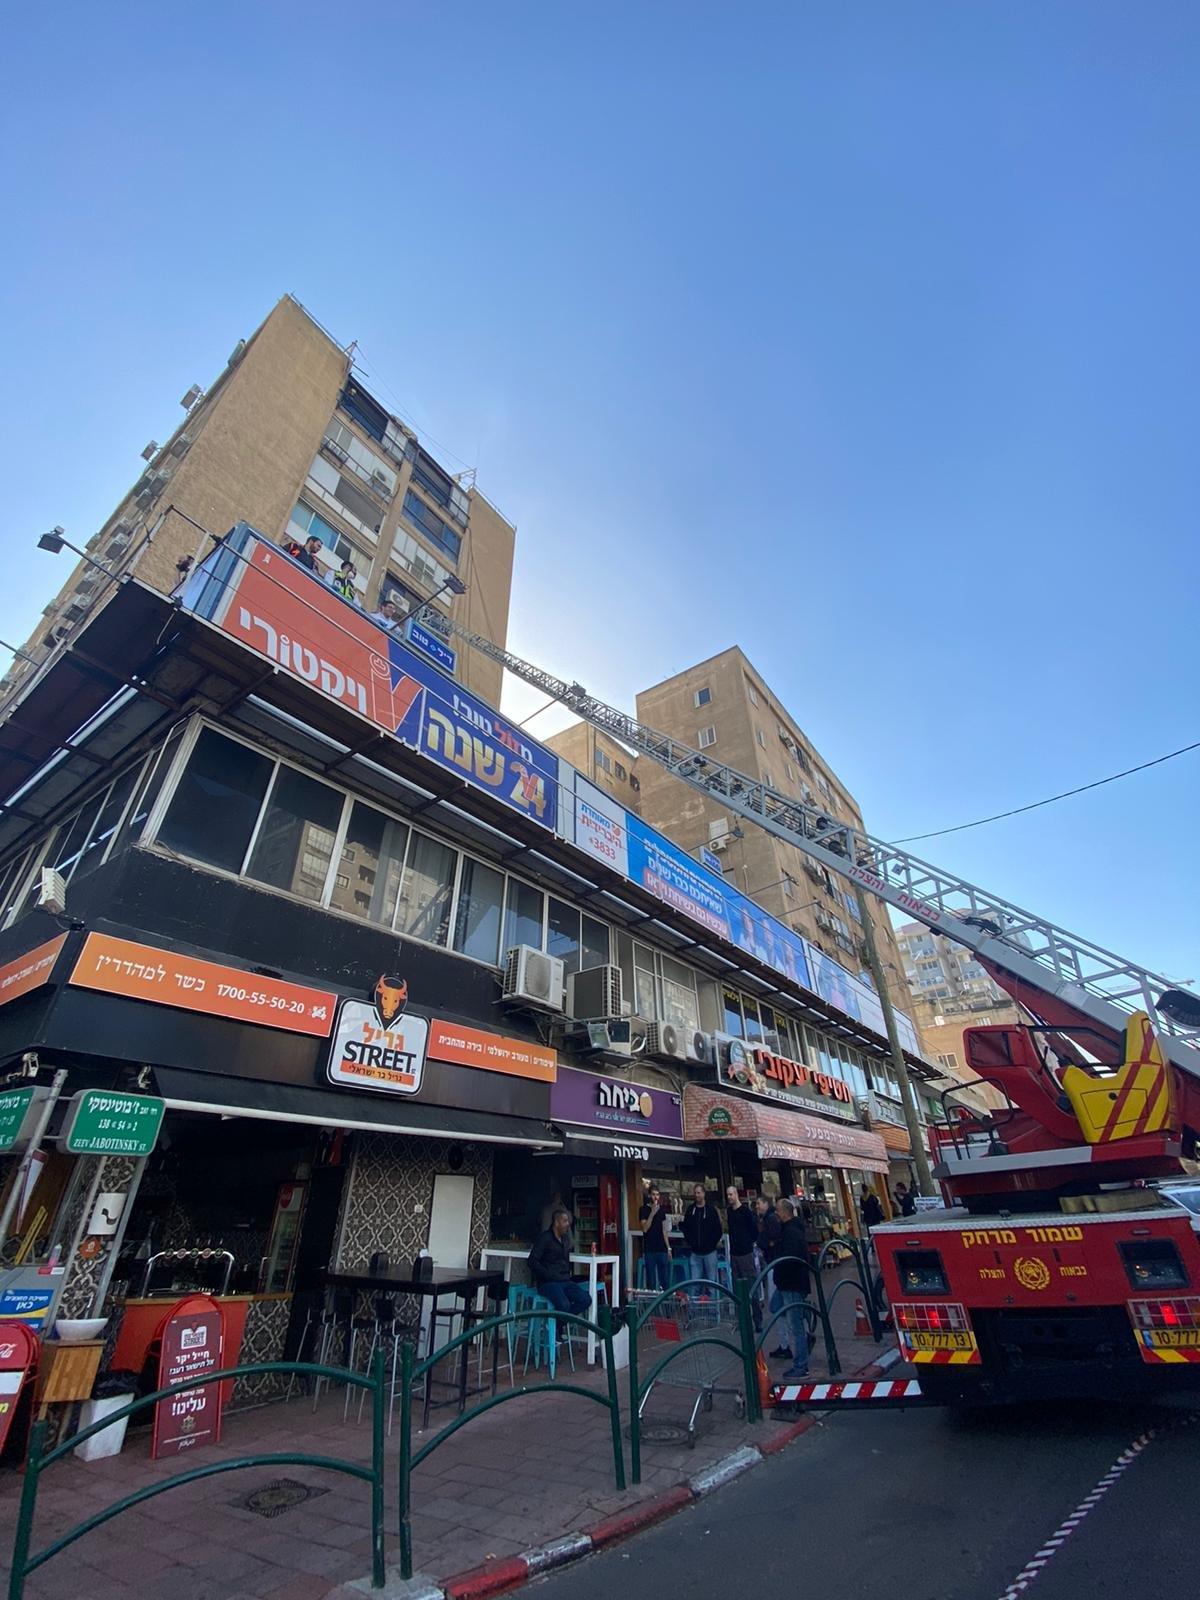 حريق هائل في بناية برمات غان وتخليص 14 عالقًا